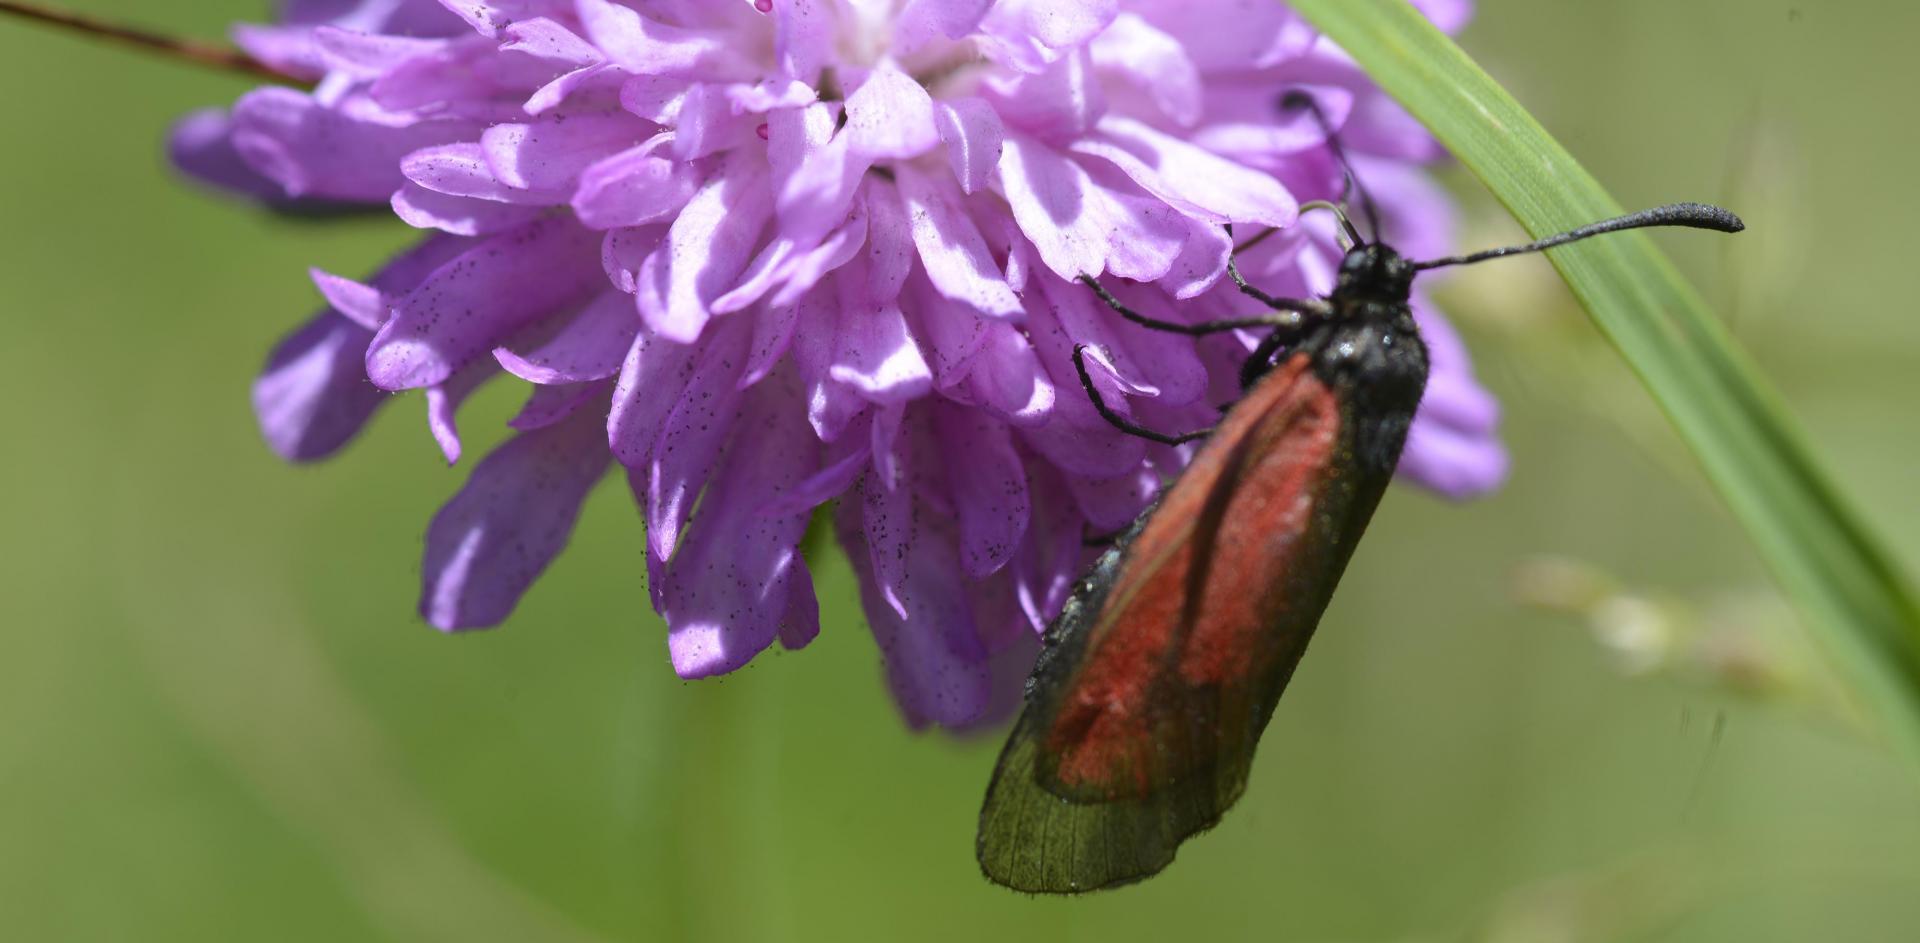 Site zygaena brizae lepidoptera zygaenidae faillefeu prads hte bleone 04 16 vi 2019 recadree